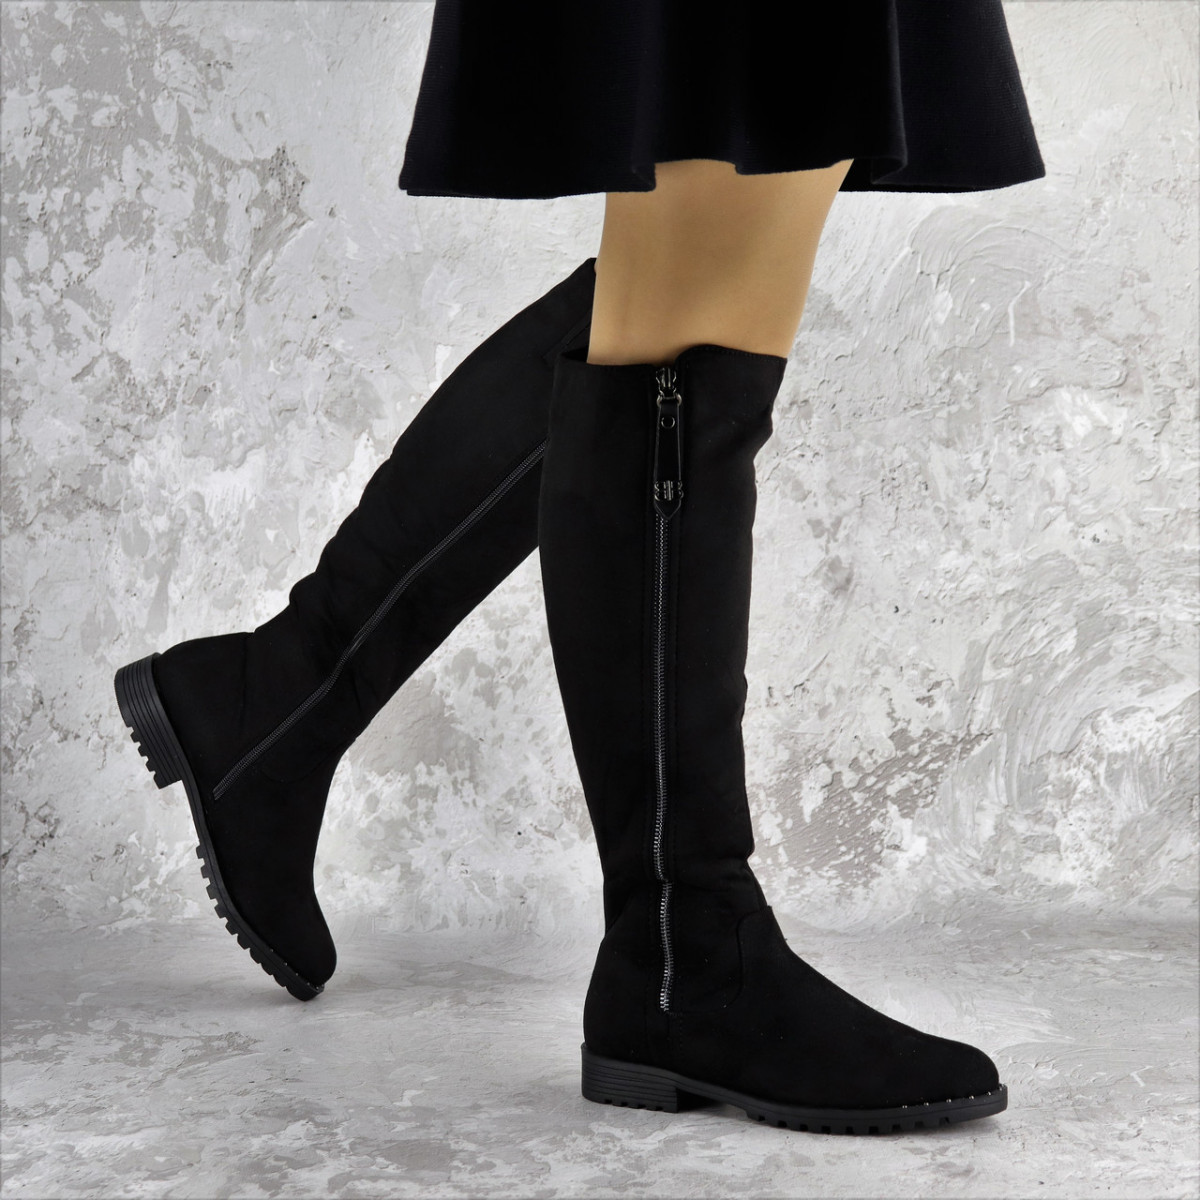 Ботфорты женские черные Kippy 2272 (38 размер)